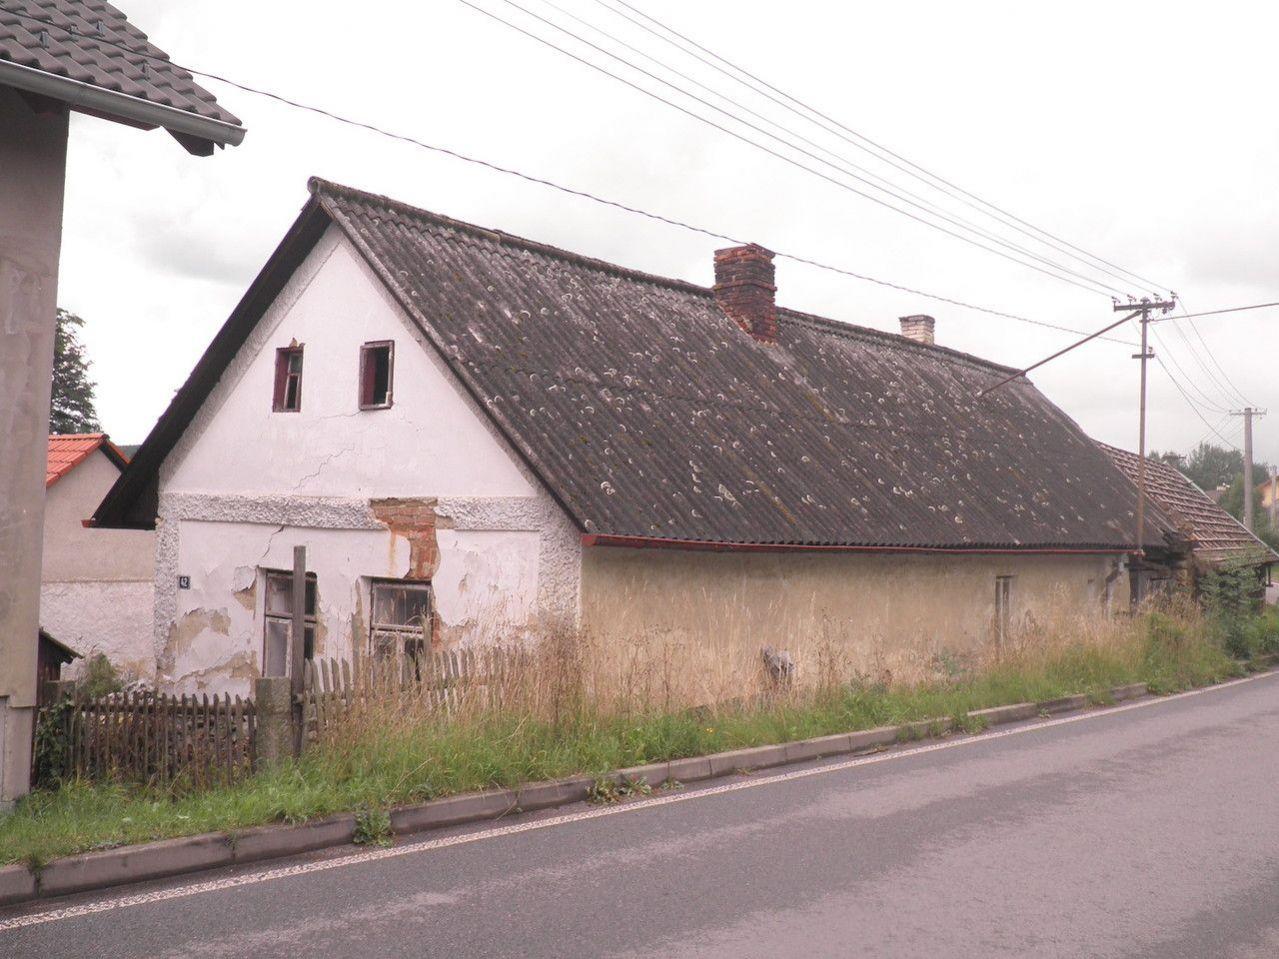 Rodinný domek v obci Kejžlice u Humpolce